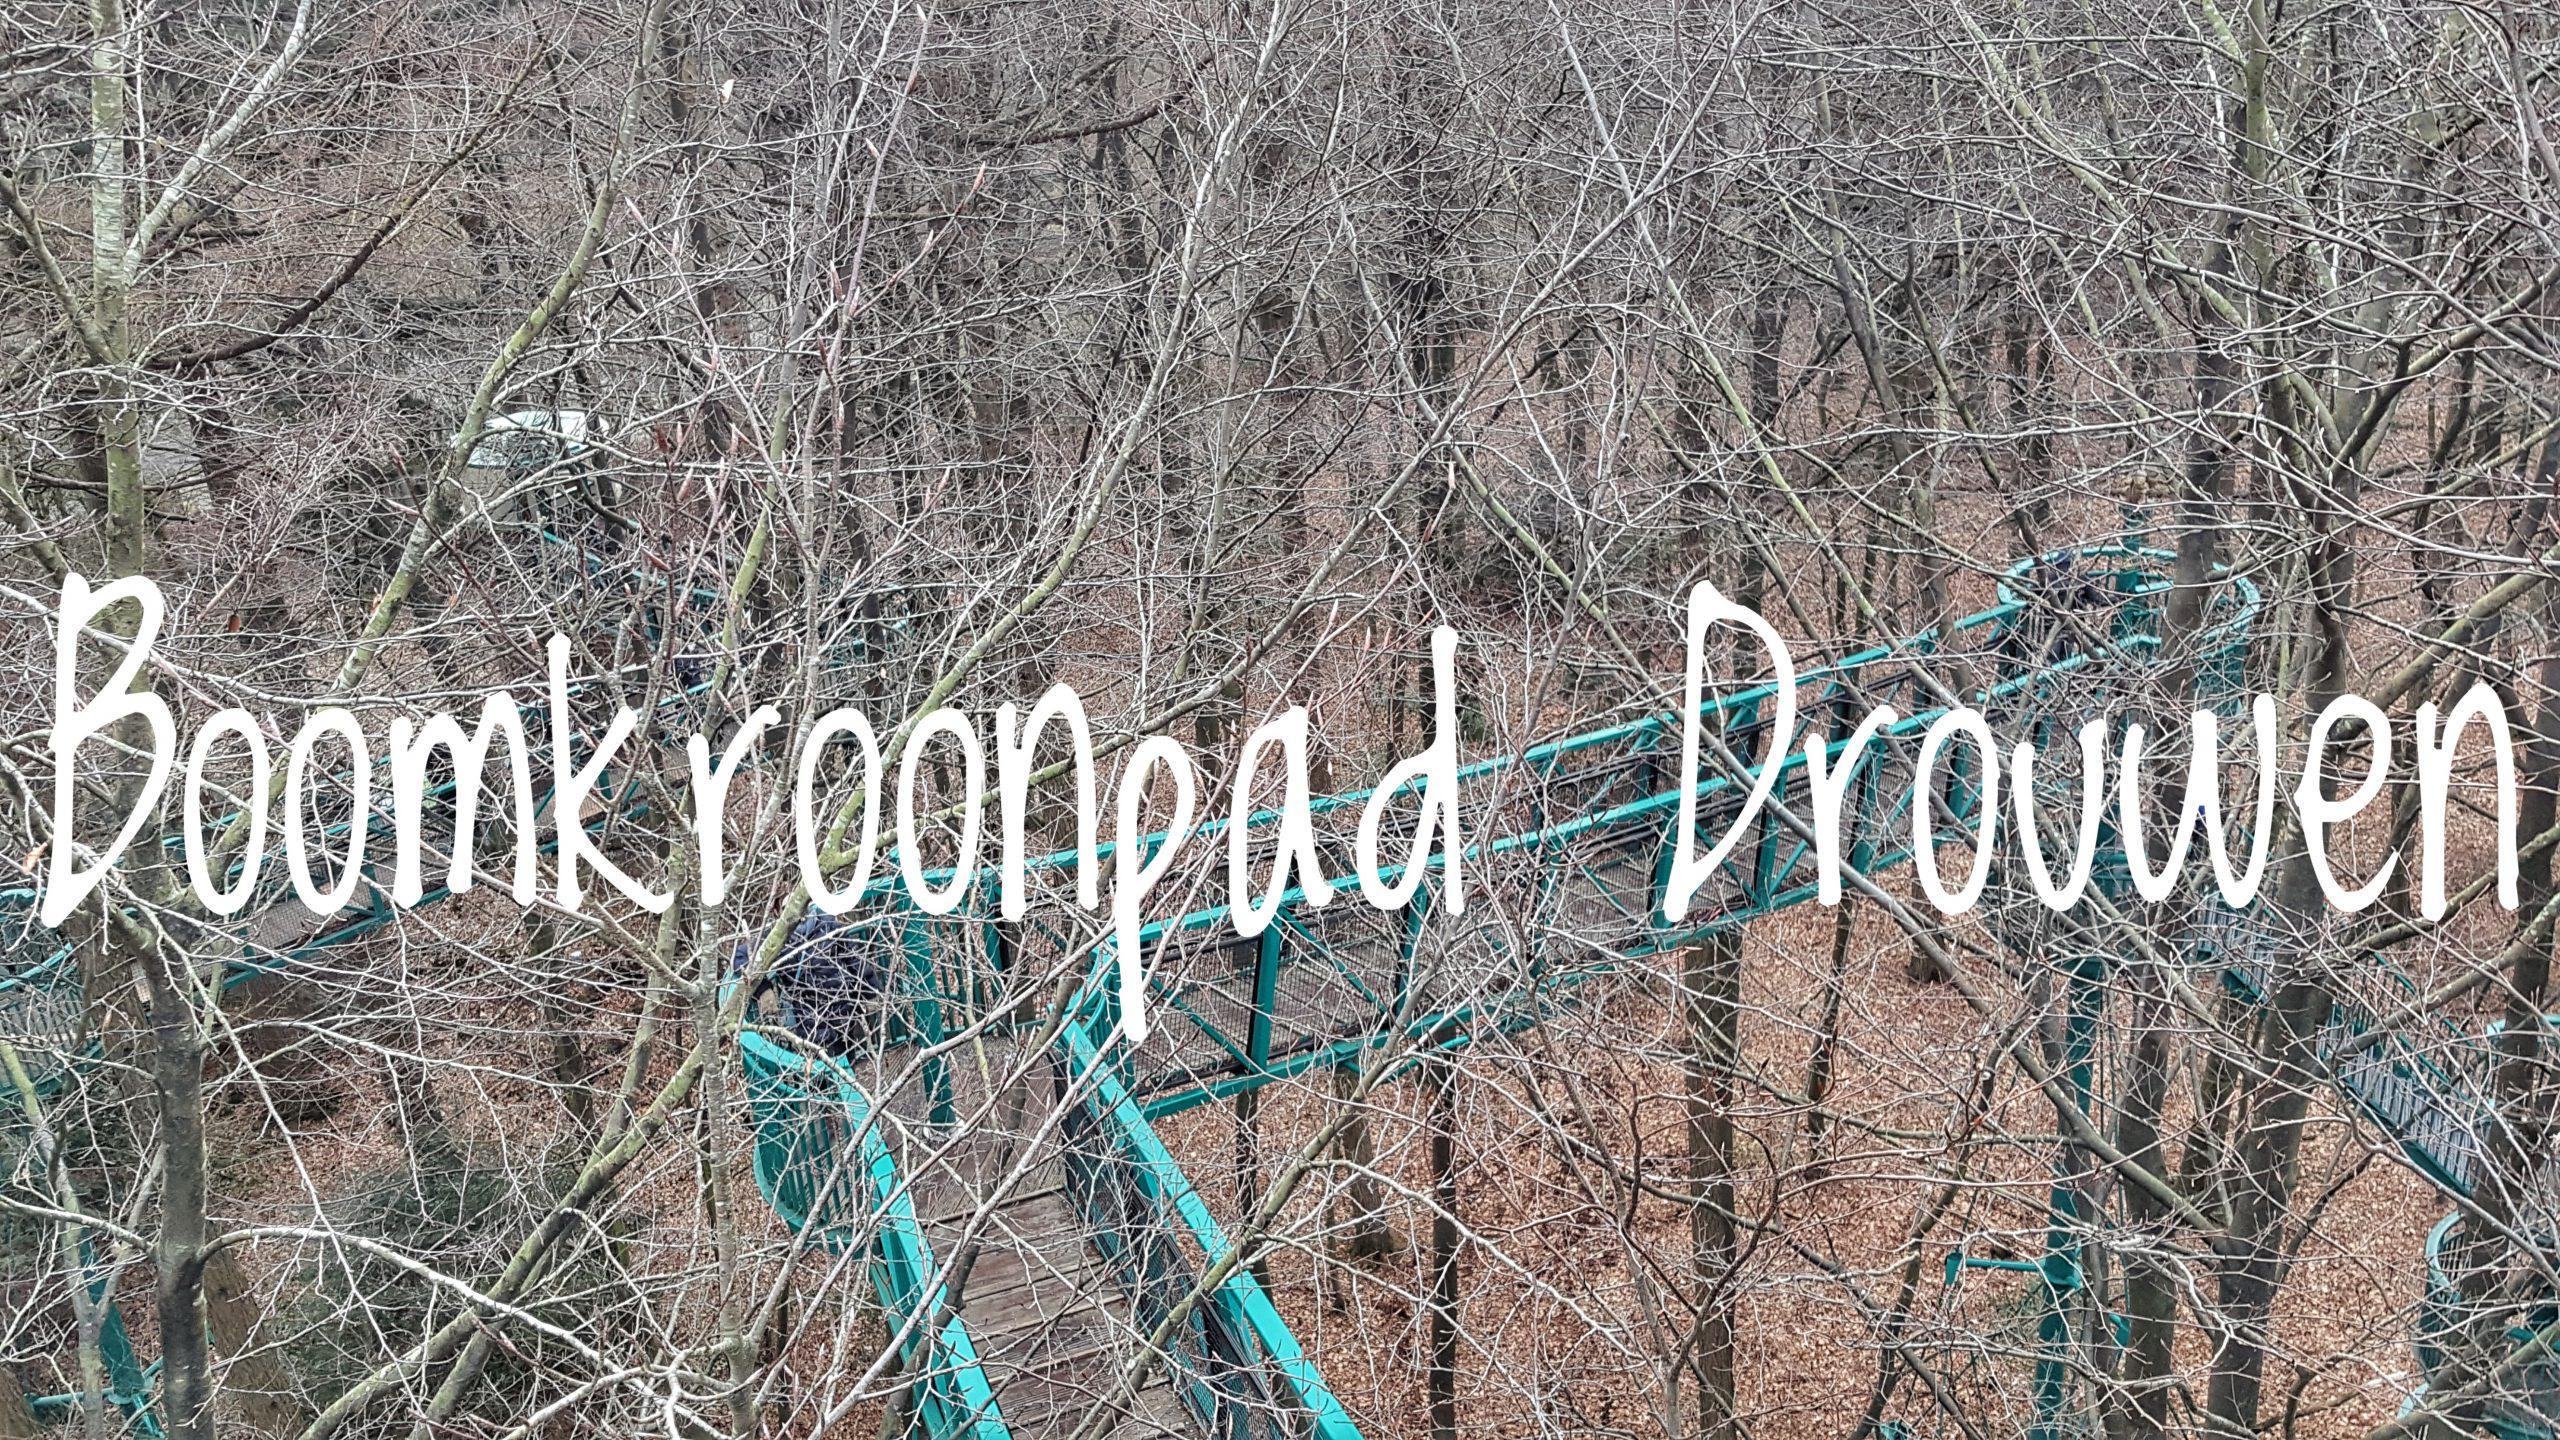 Boomkroonpad – Drouwen